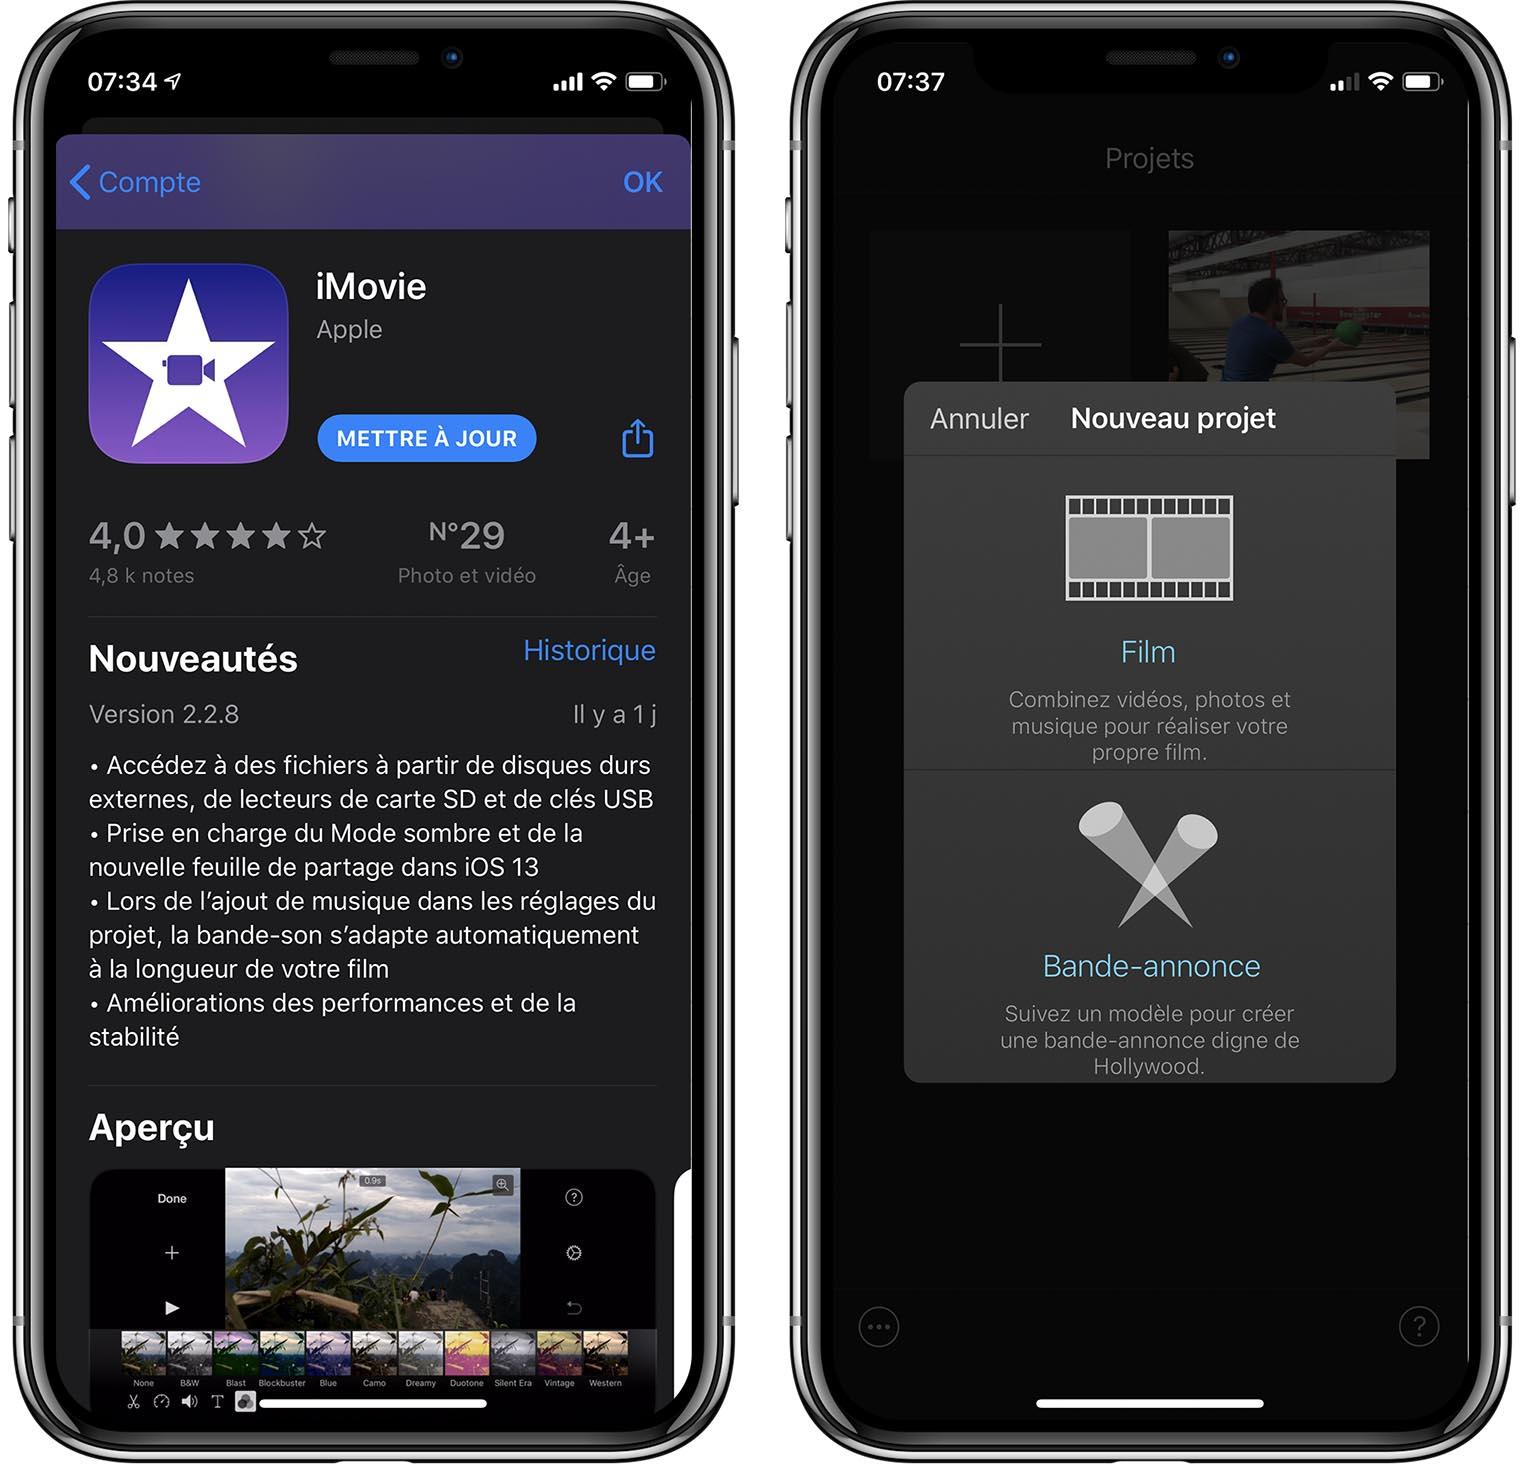 iMovie 2.2.8 iOS